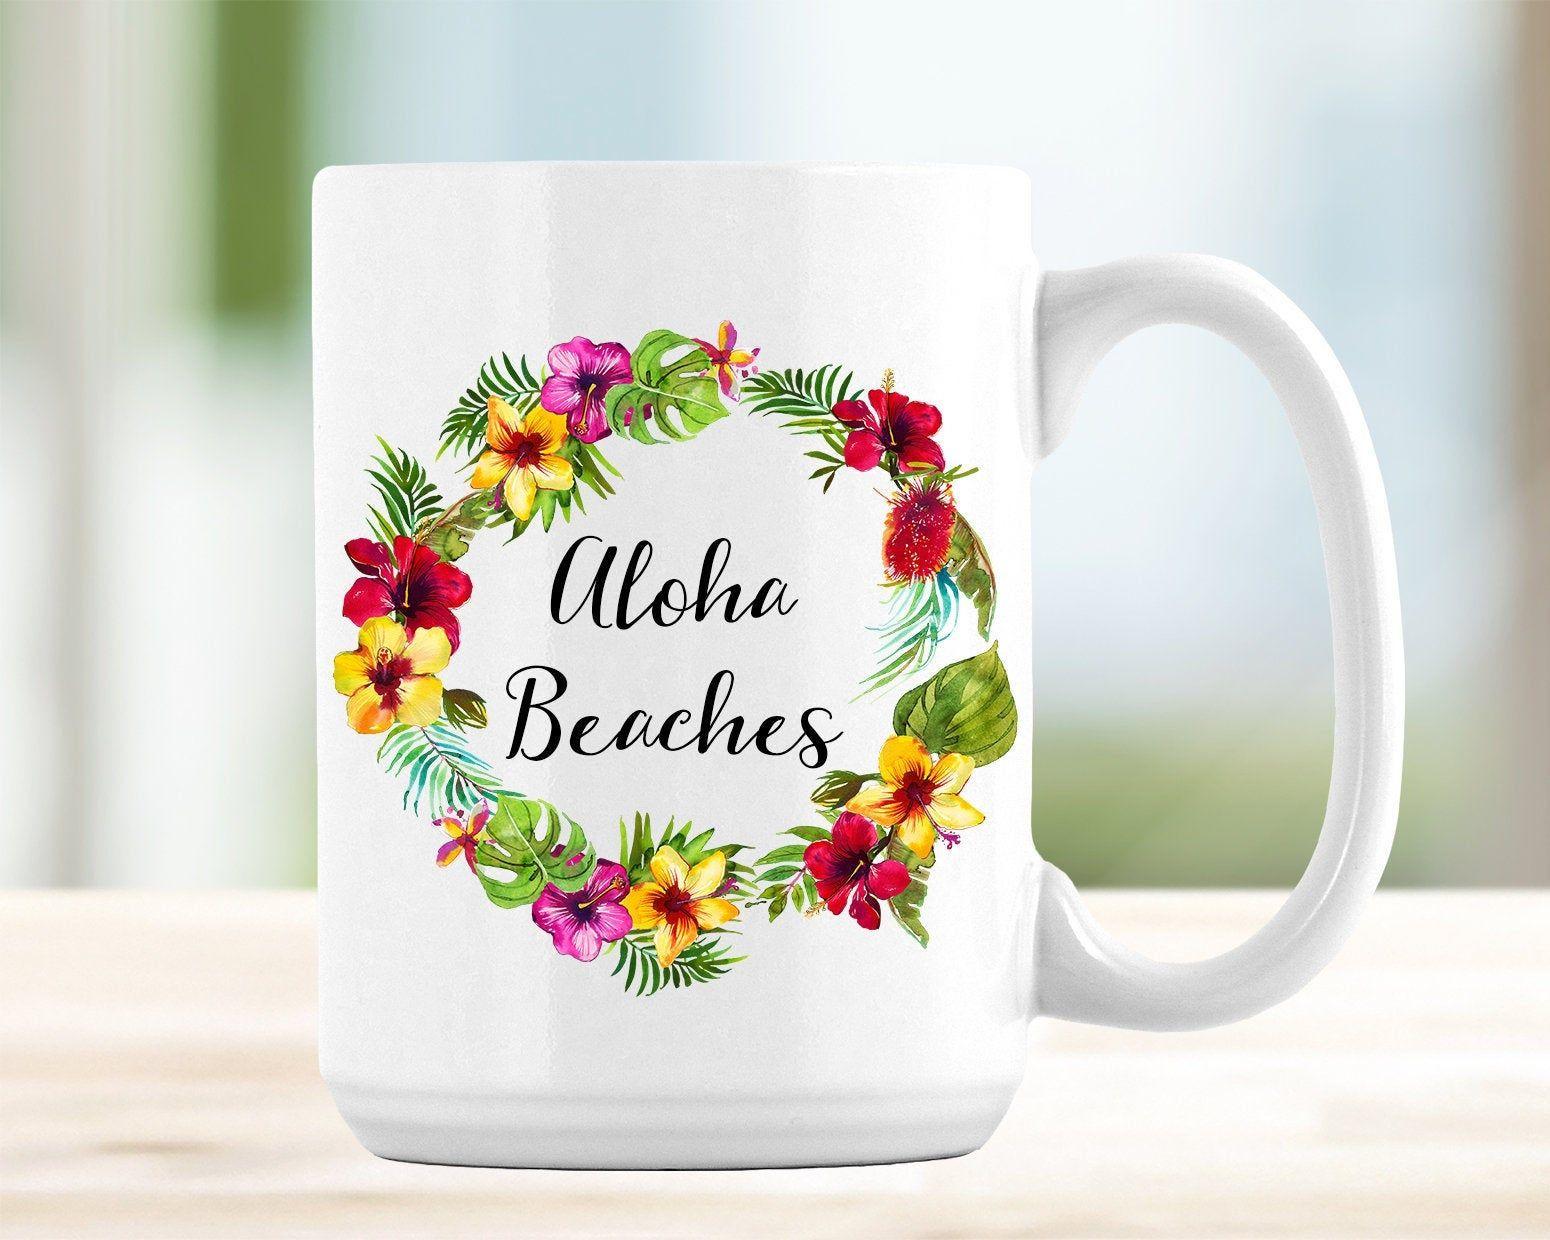 Aloha beaches bachelorette coffee mug bachelorette party